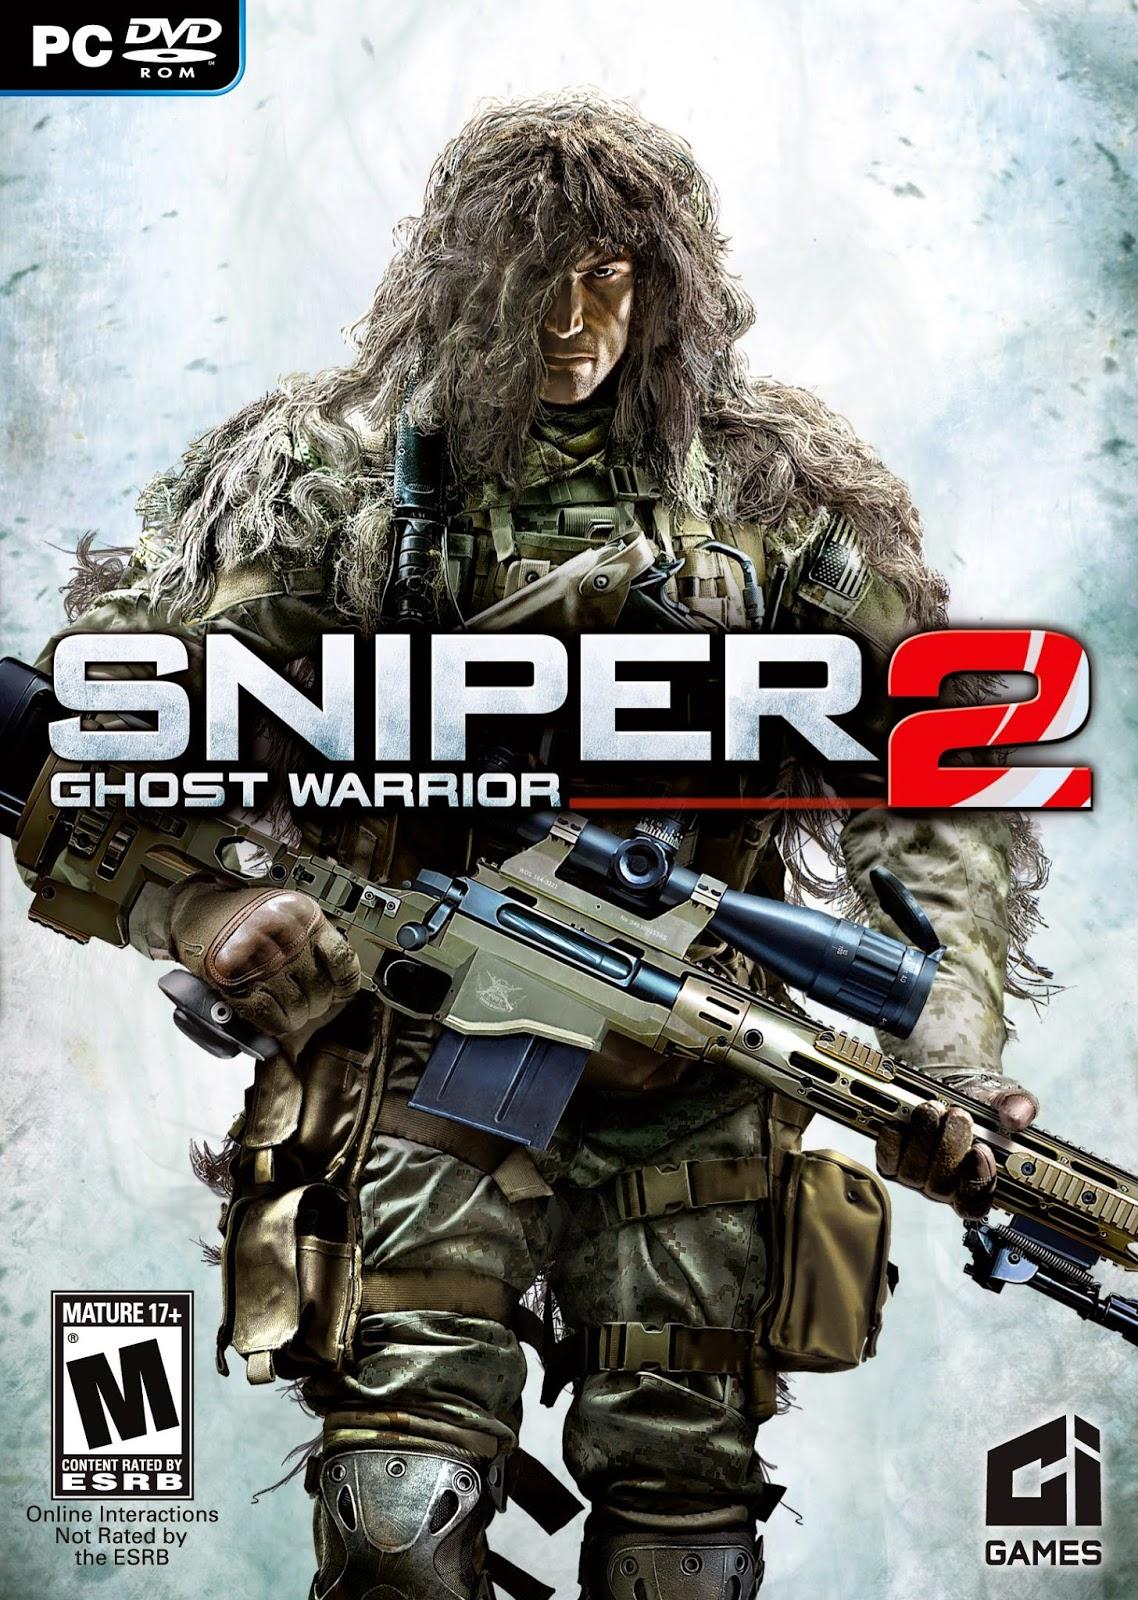 تحميل لعبة SNIPER GHOST WARRIOR 2 برابط واحد مباشر